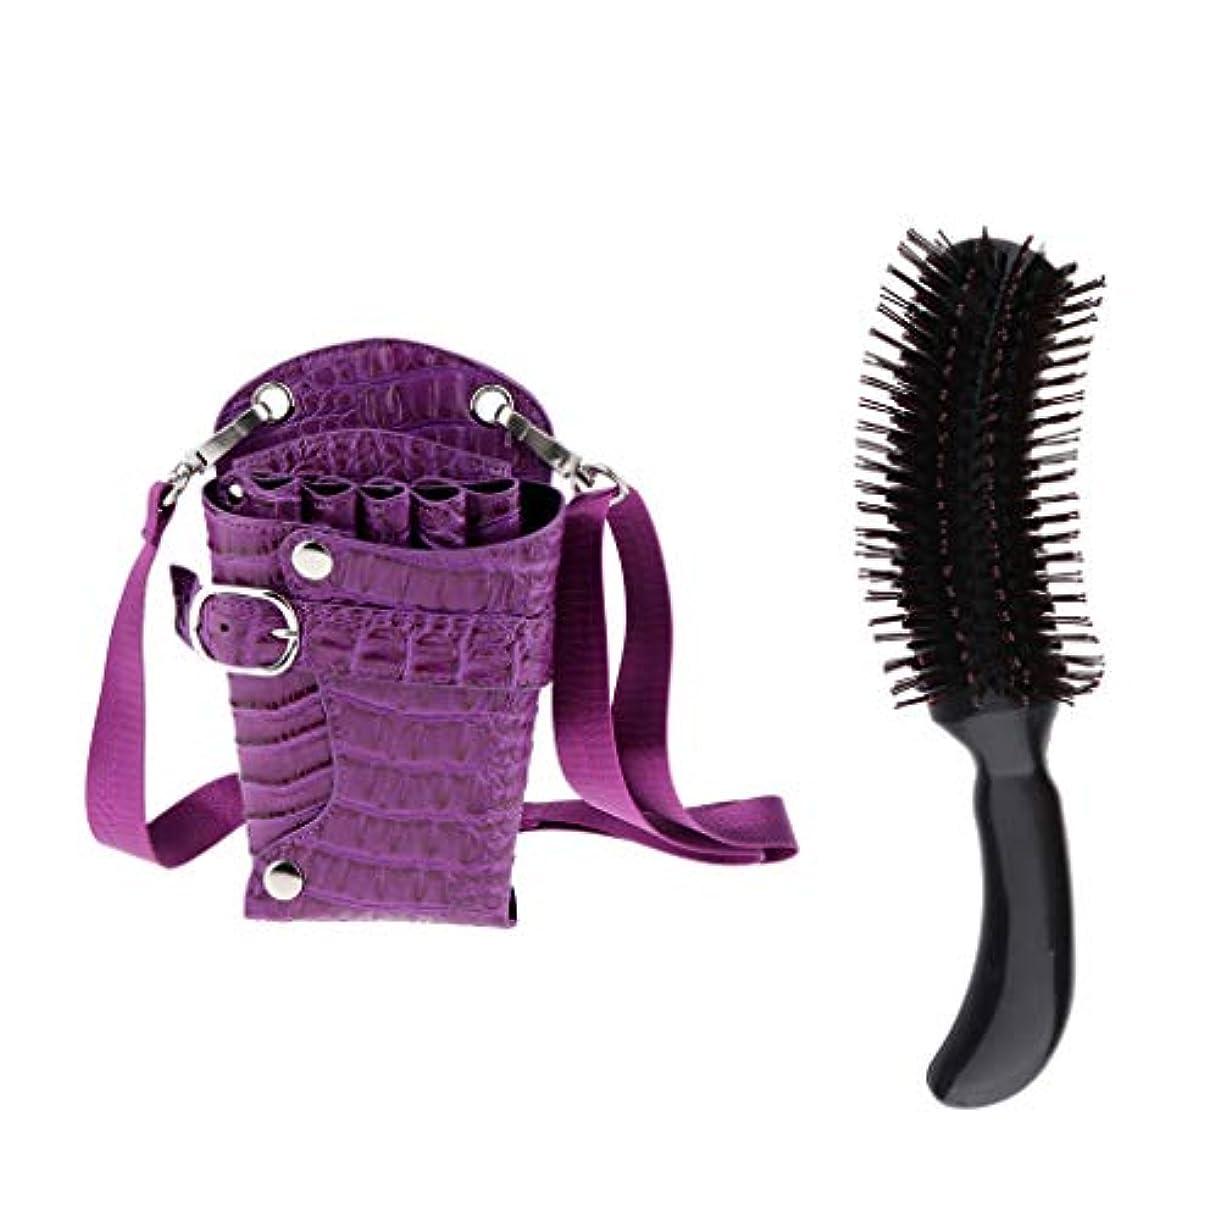 聖なる暖かくオプショナルDYNWAVE 理髪はさみツールホルダーケース&スタイリングデタングルヘアブラシS形状